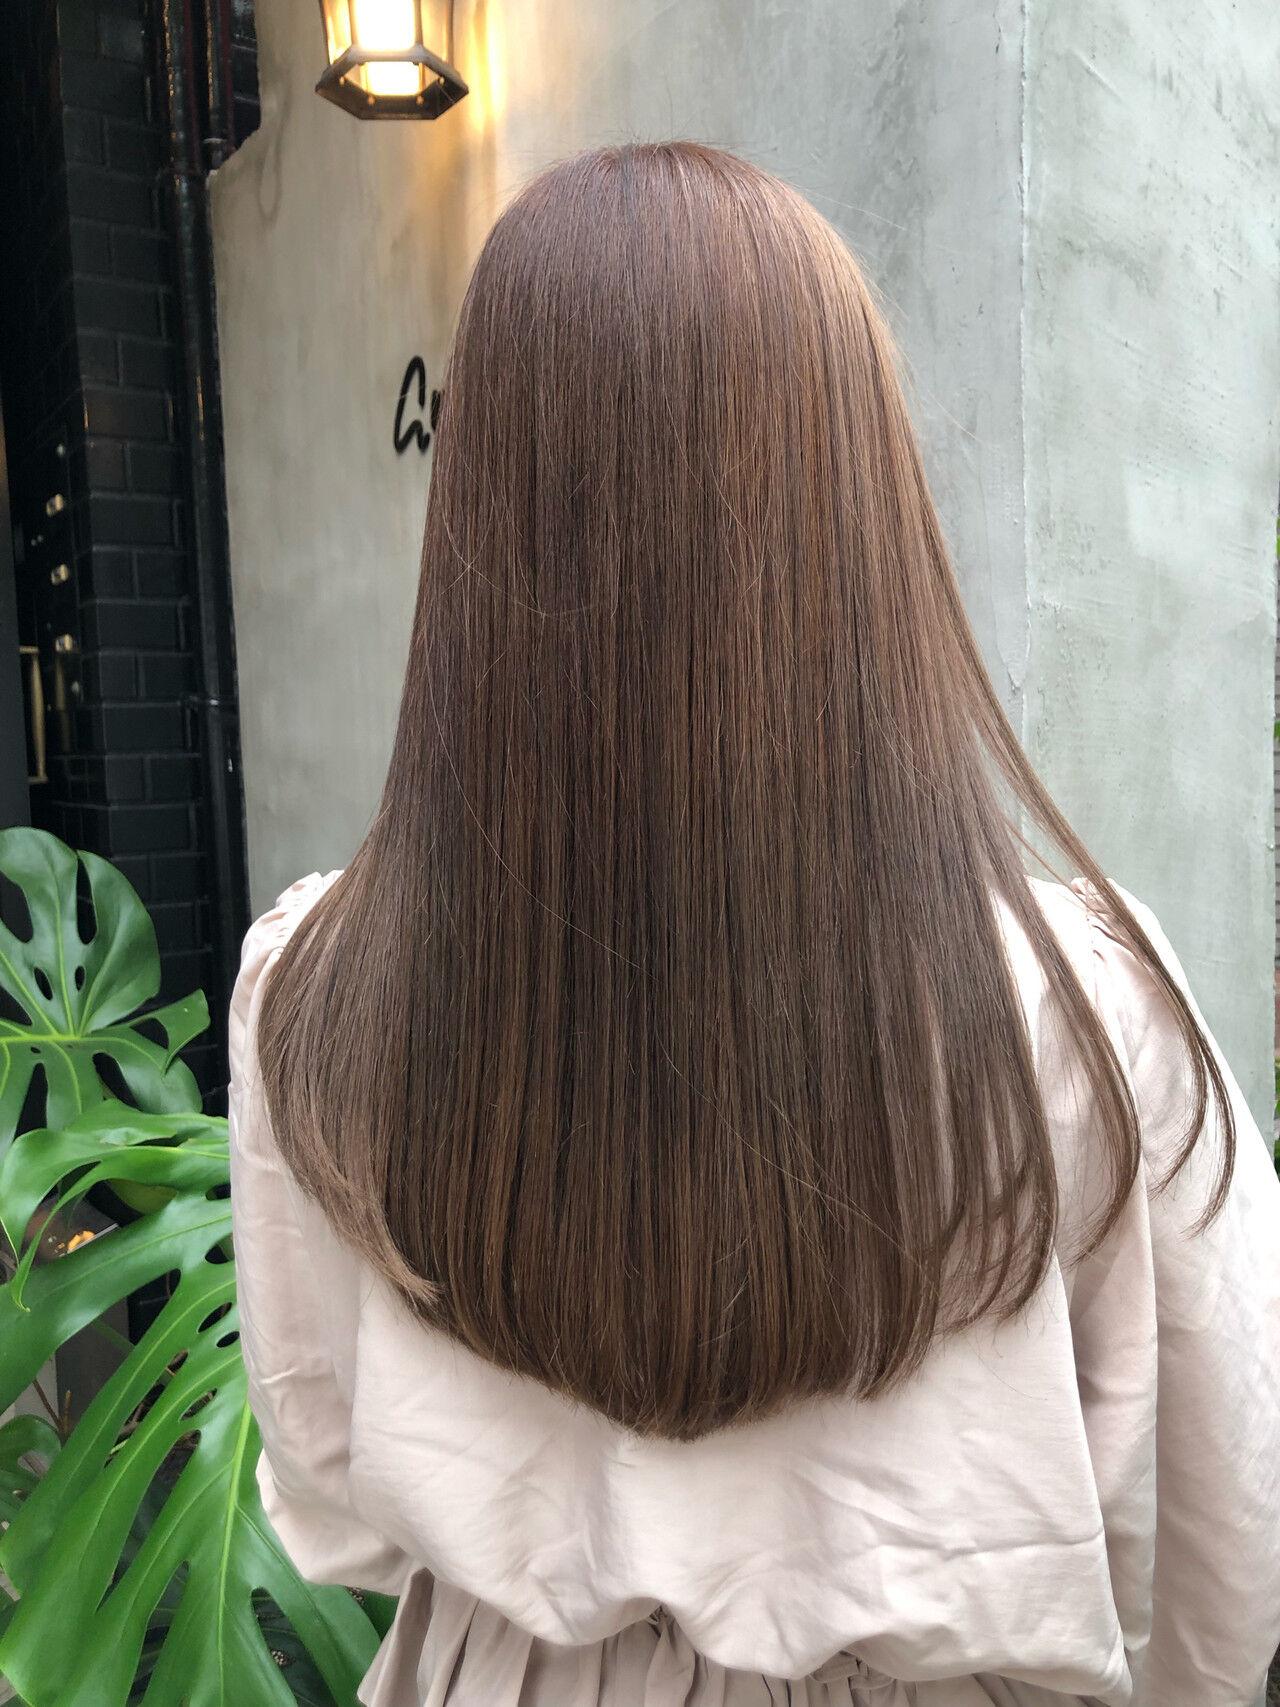 ミルクティーブラウン ミルクティー ミルクティーベージュ ダブルカラーヘアスタイルや髪型の写真・画像